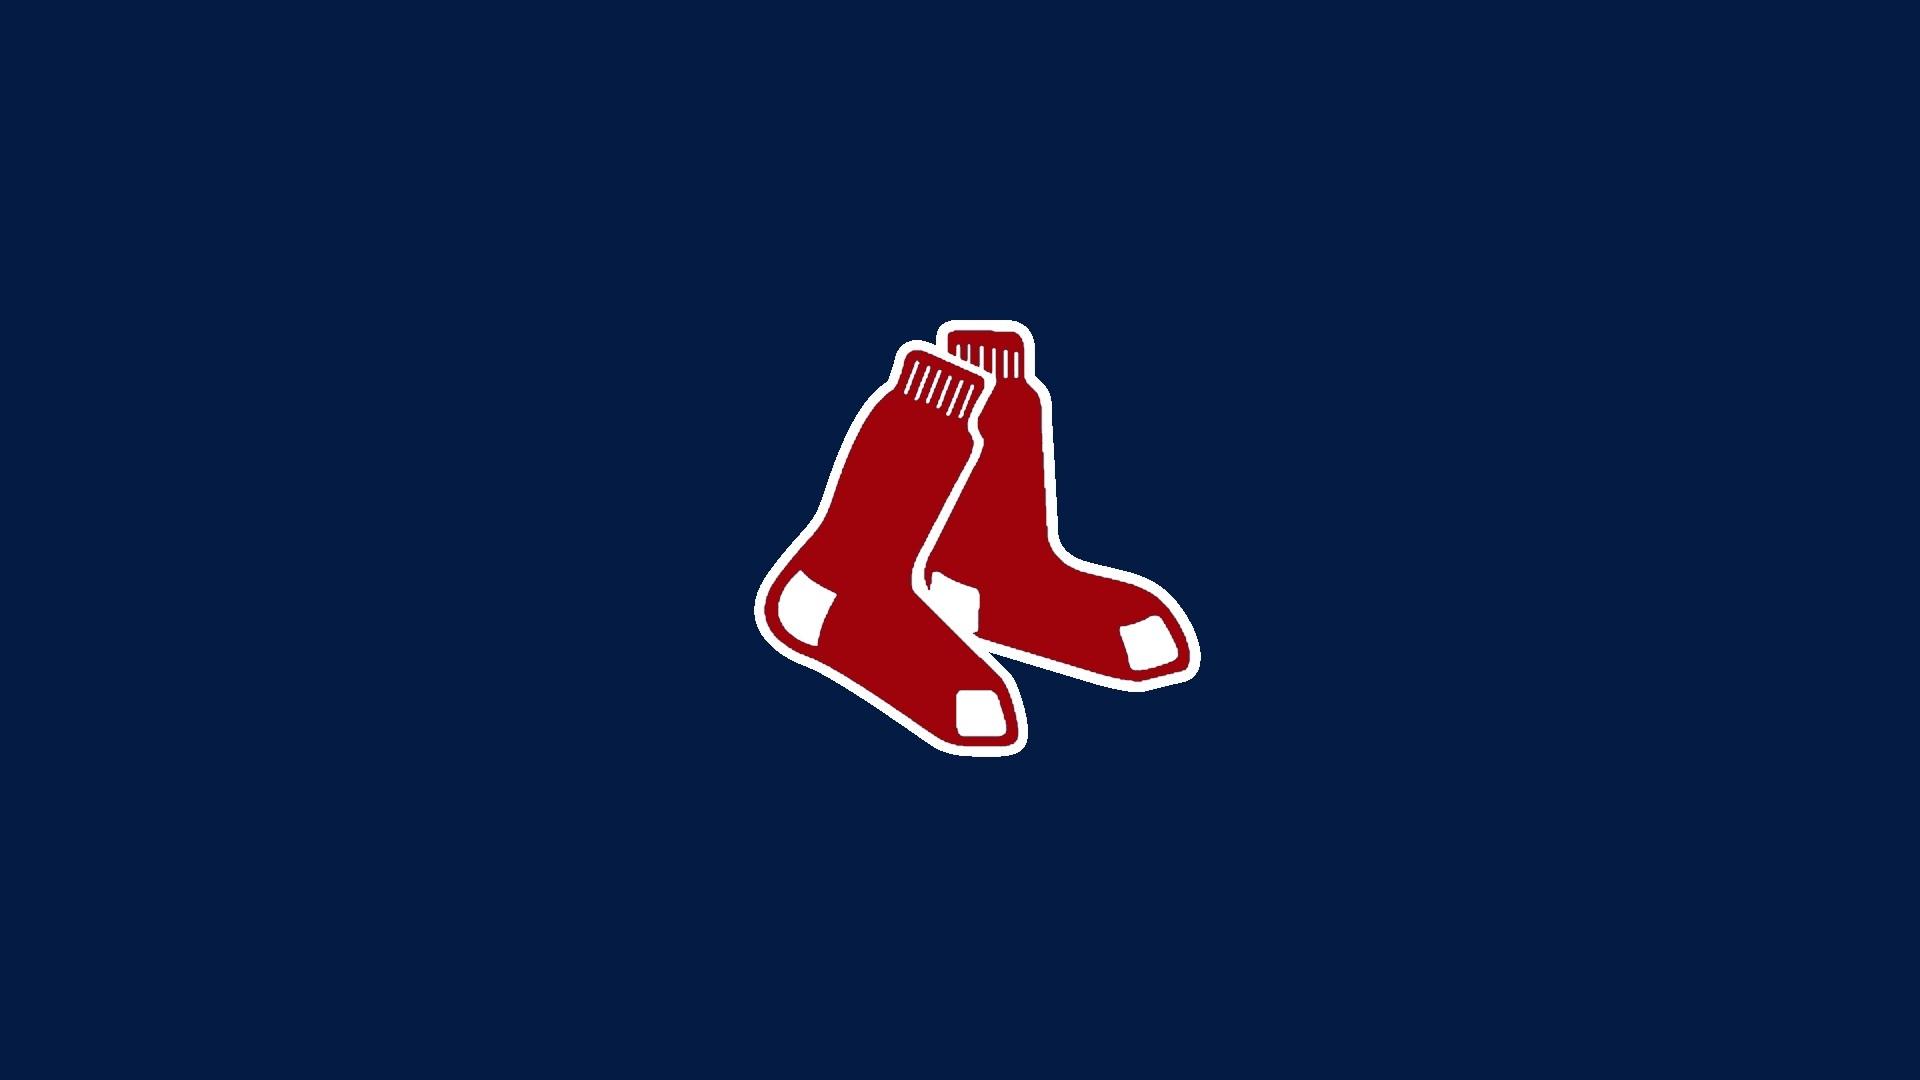 Red Sox HD Wallpaper